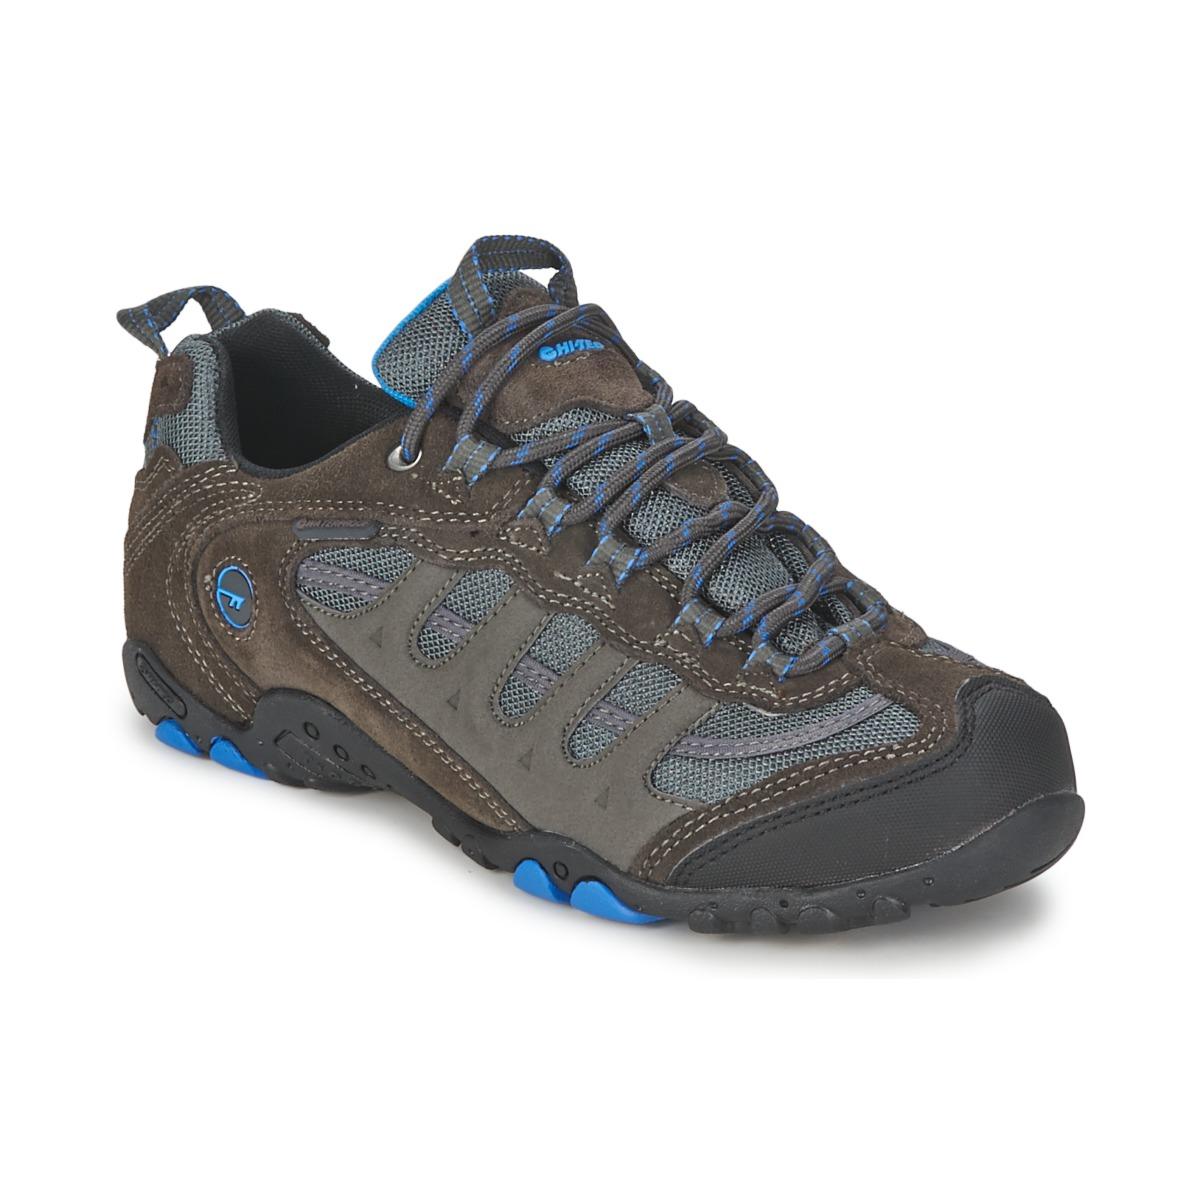 Chaussures-de-randonnee Hi-Tec PENRITH LOW WP Charbon / Bleu